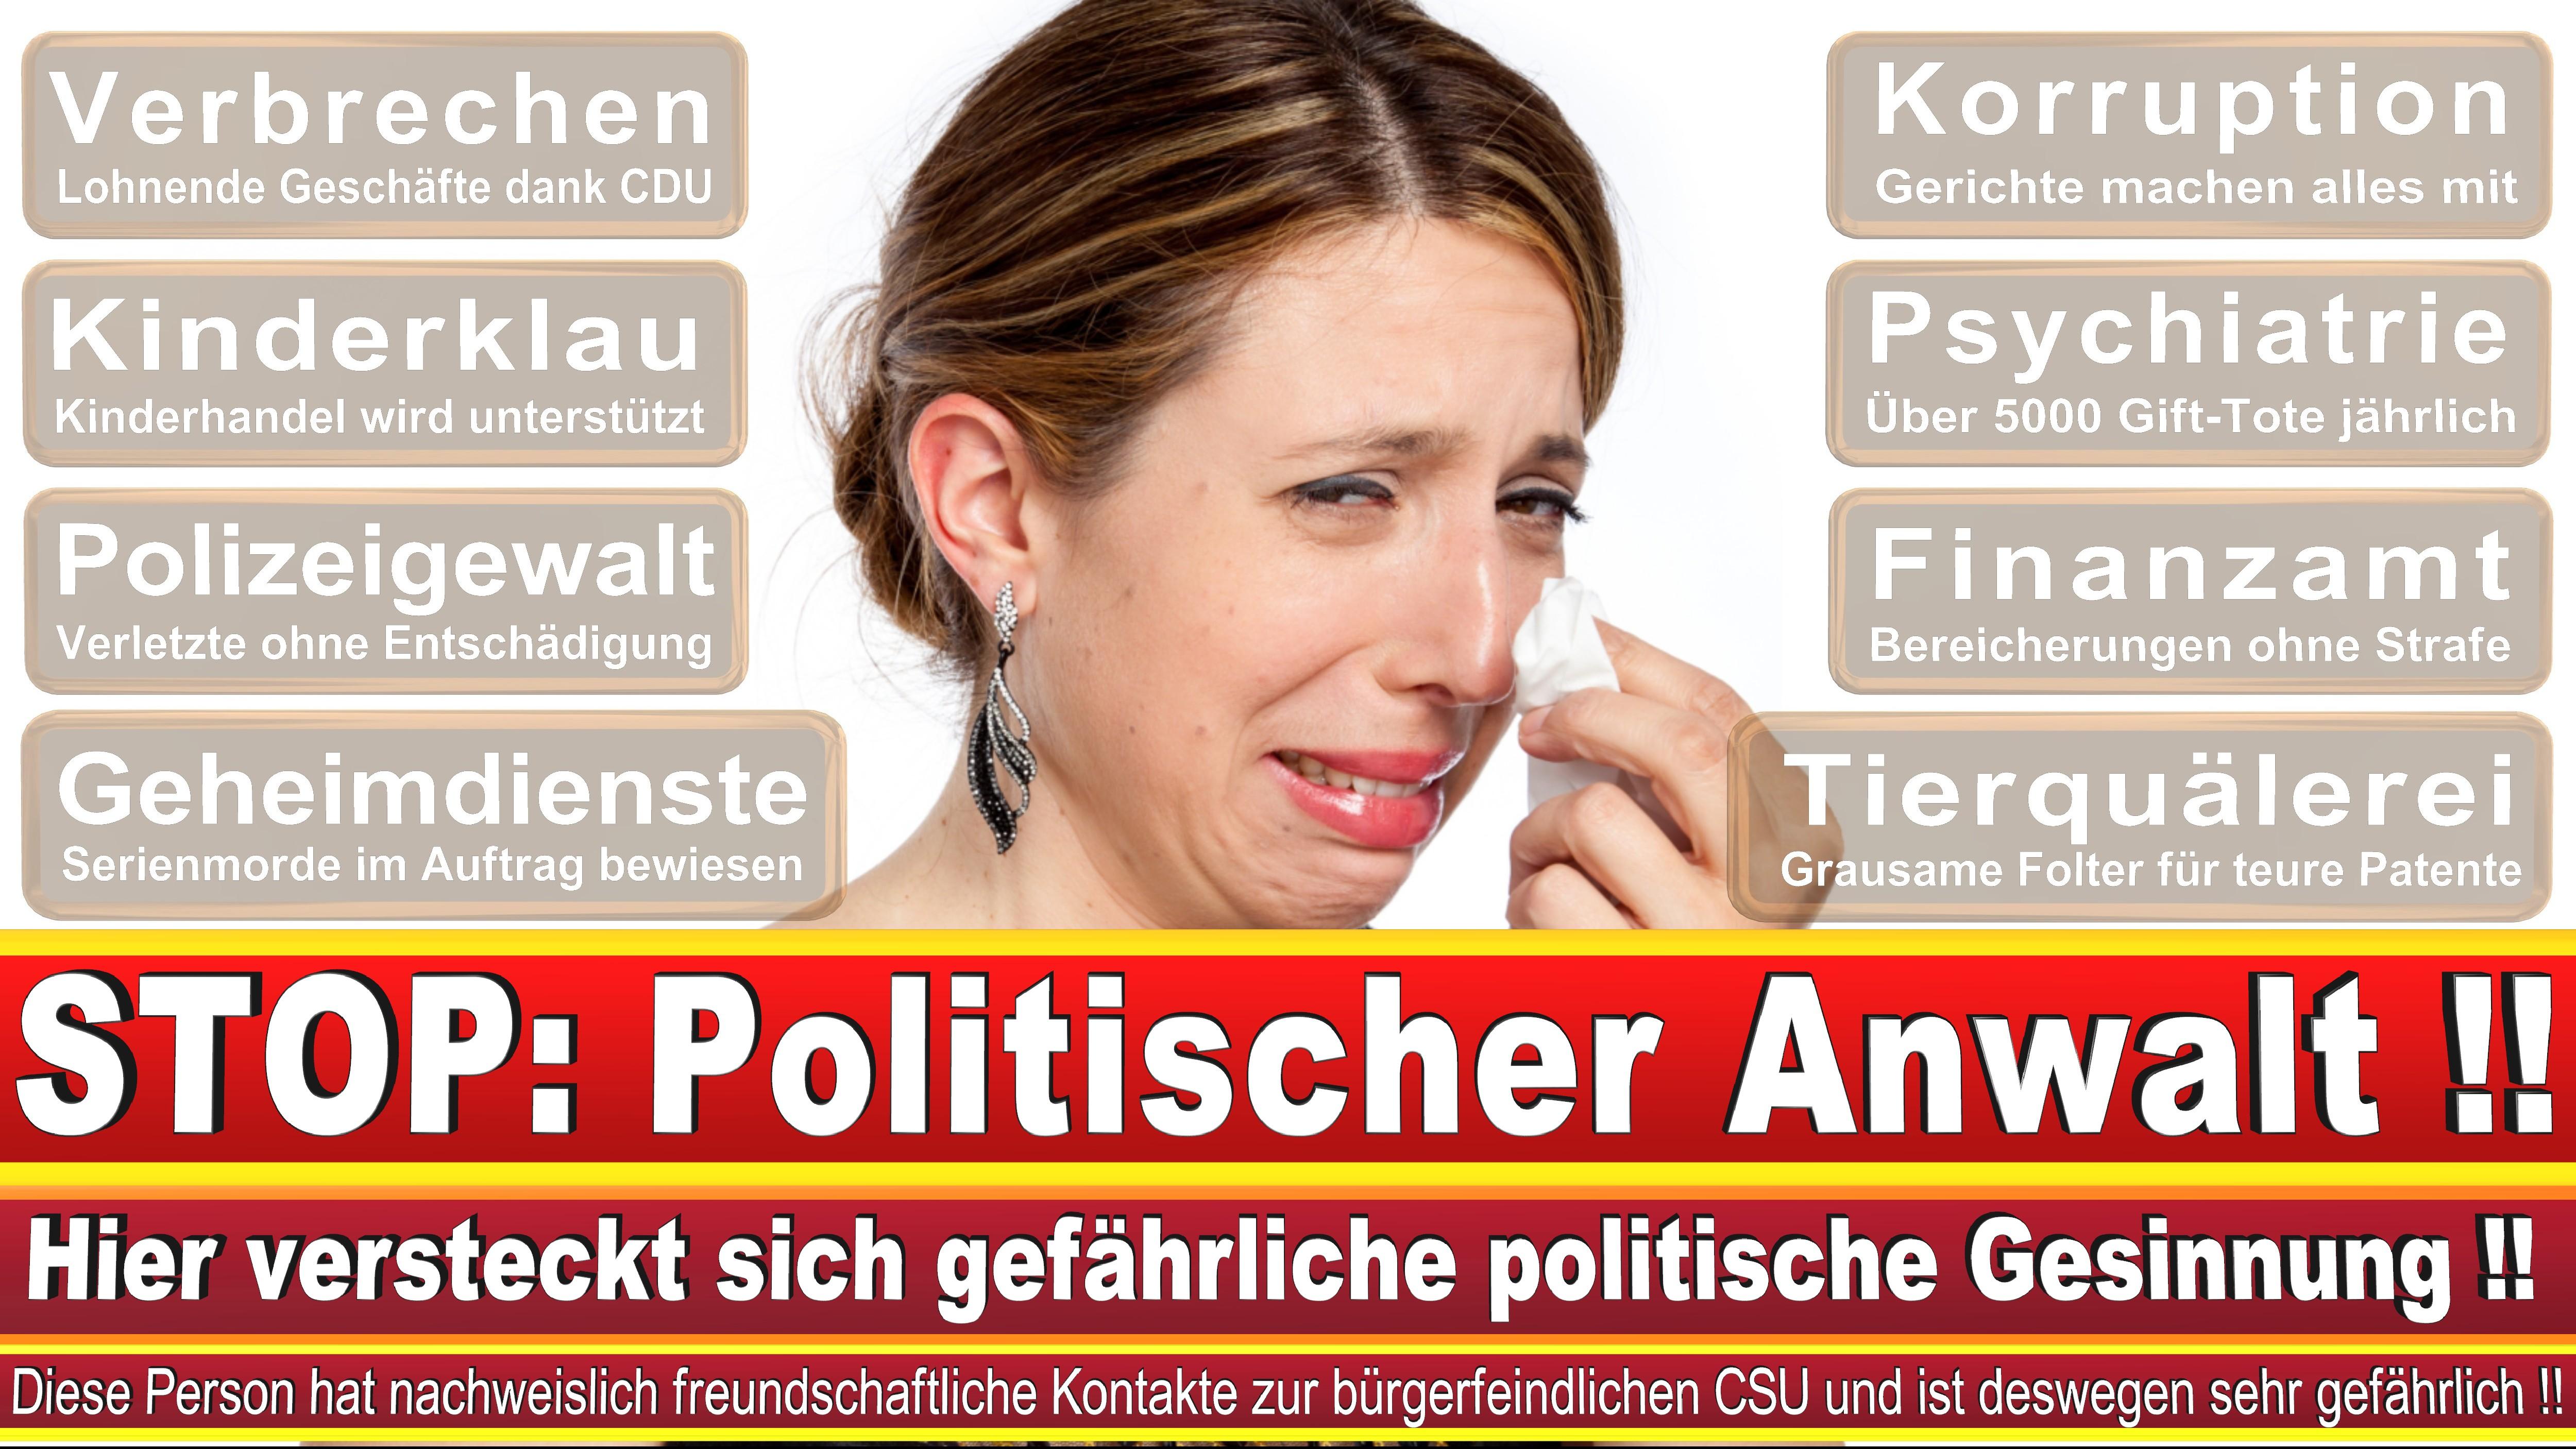 Rechtsanwalt Patrick Mamok Frankfurt Am Main Rechtsanwalt Associate Corporate M A Luther Rechtsanwaltsgesellschaft MbH